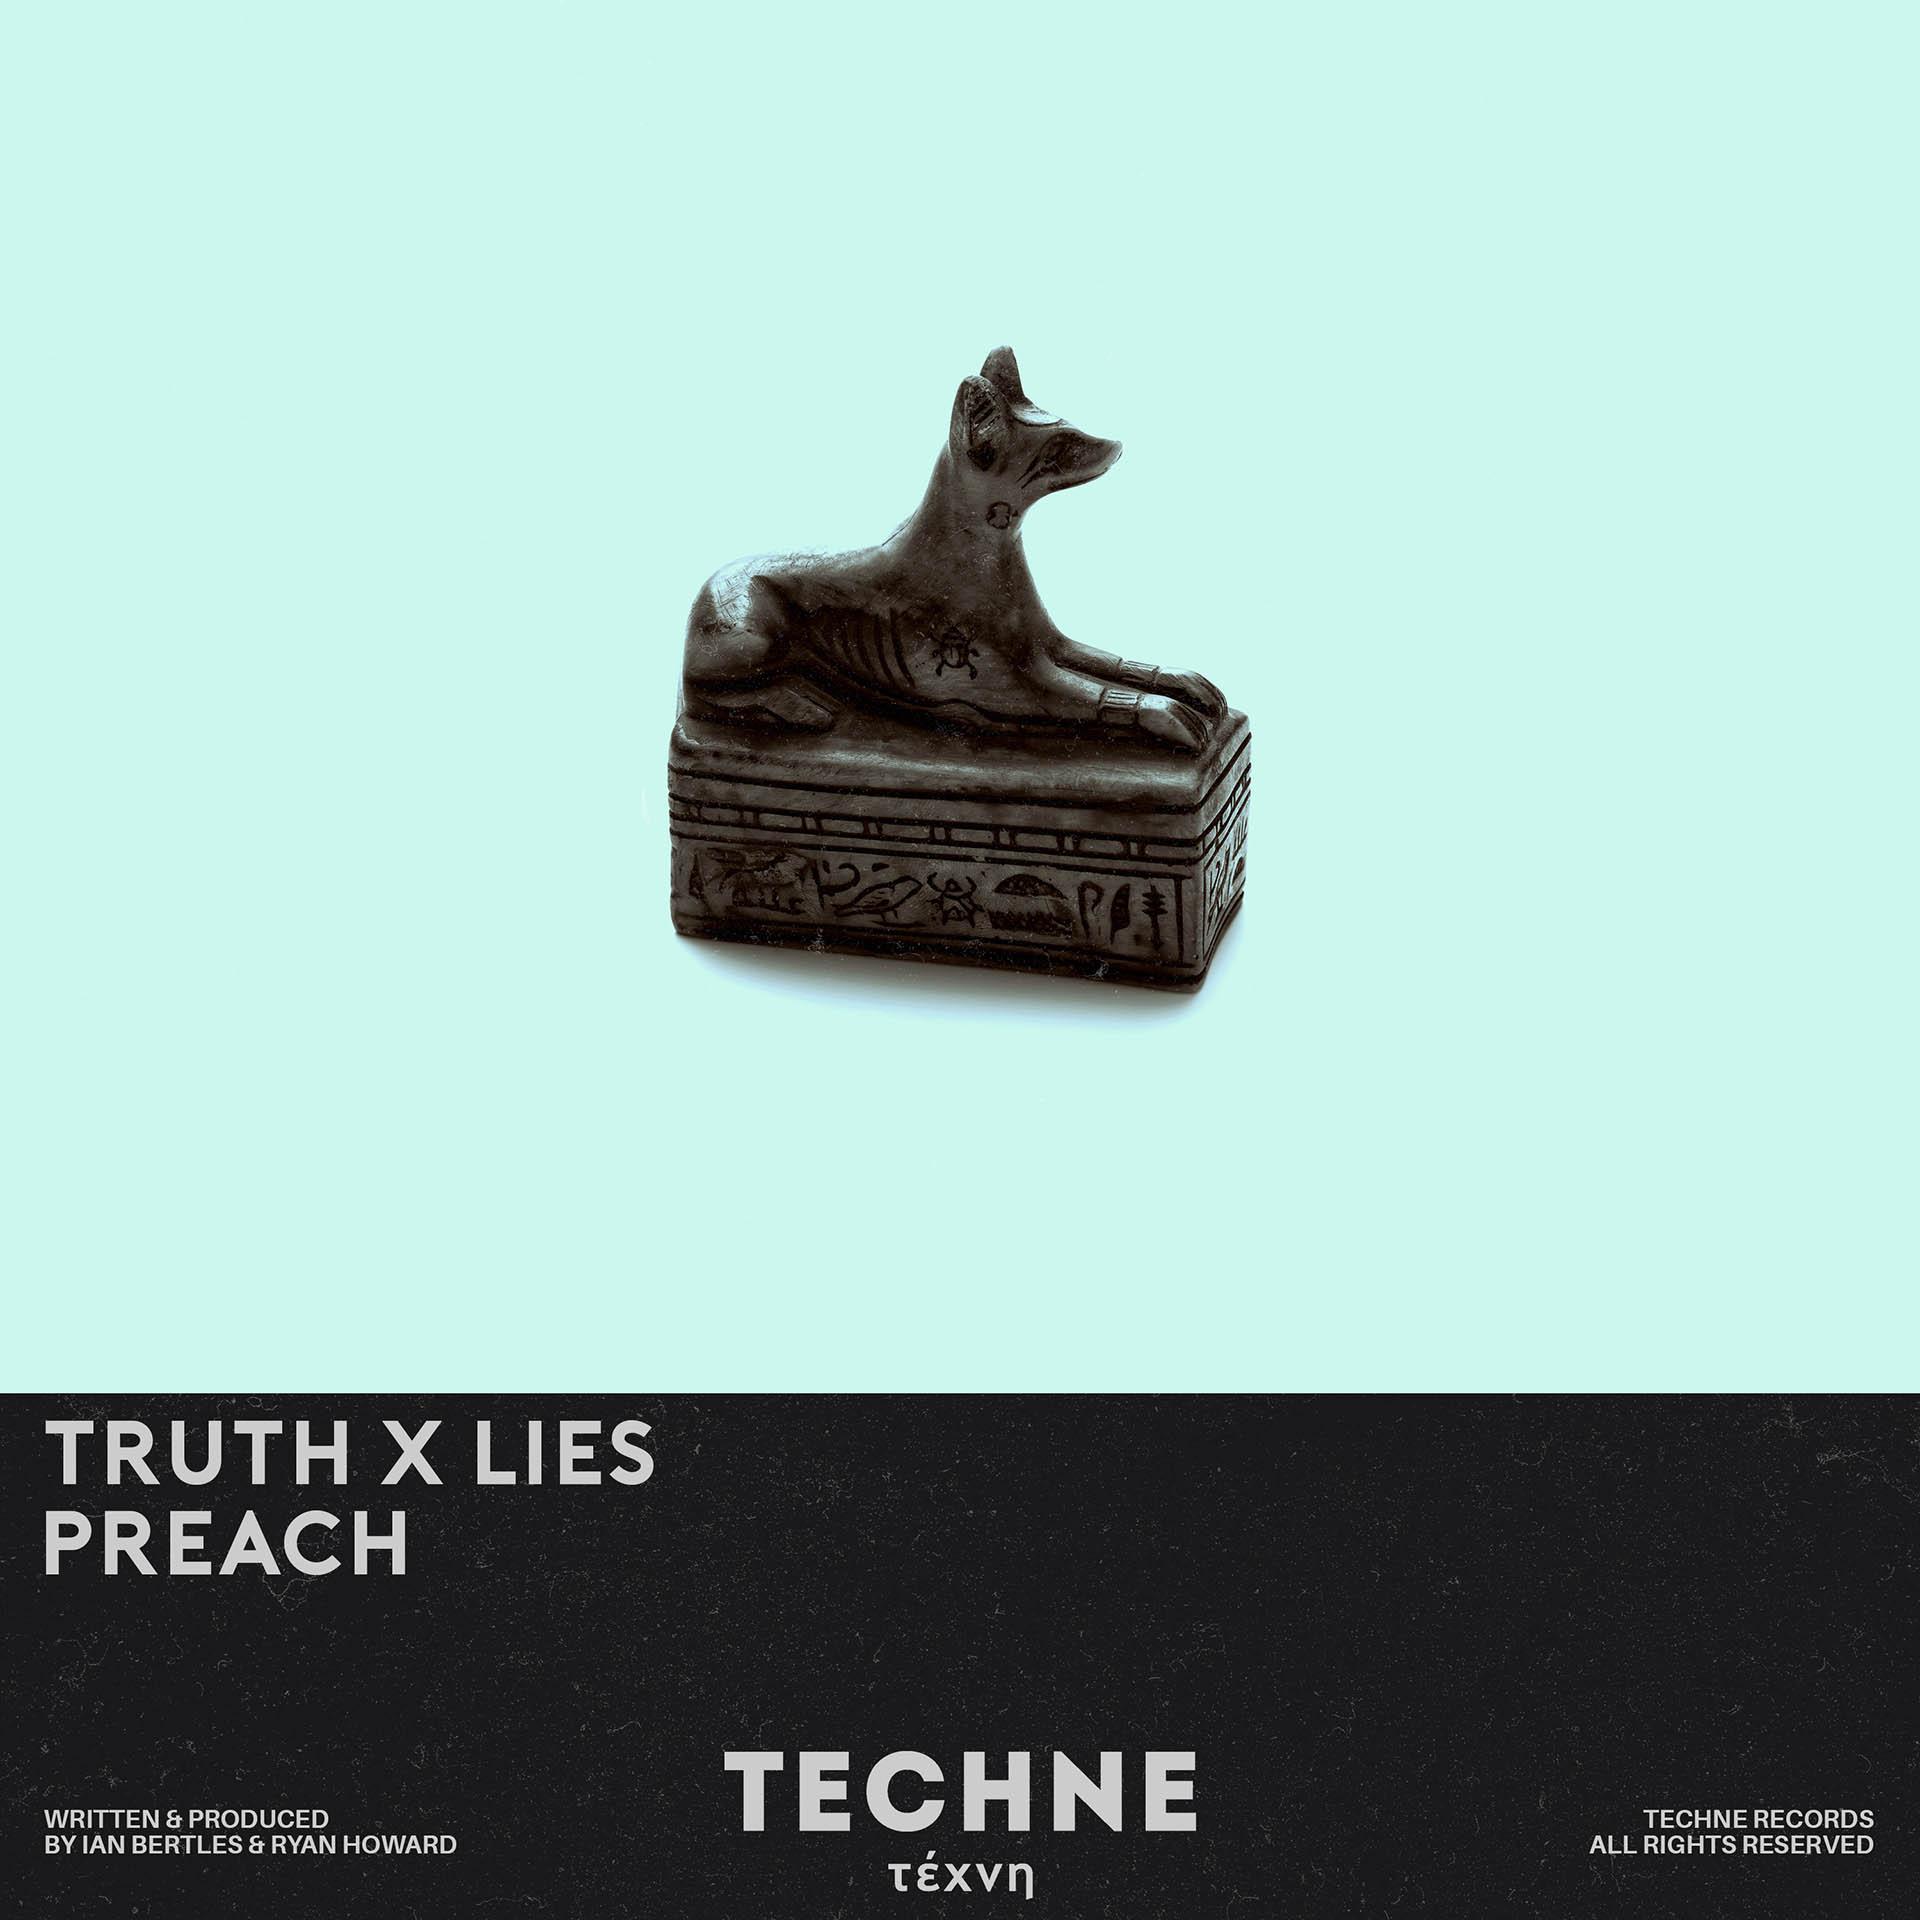 Preach - Truth and Lies